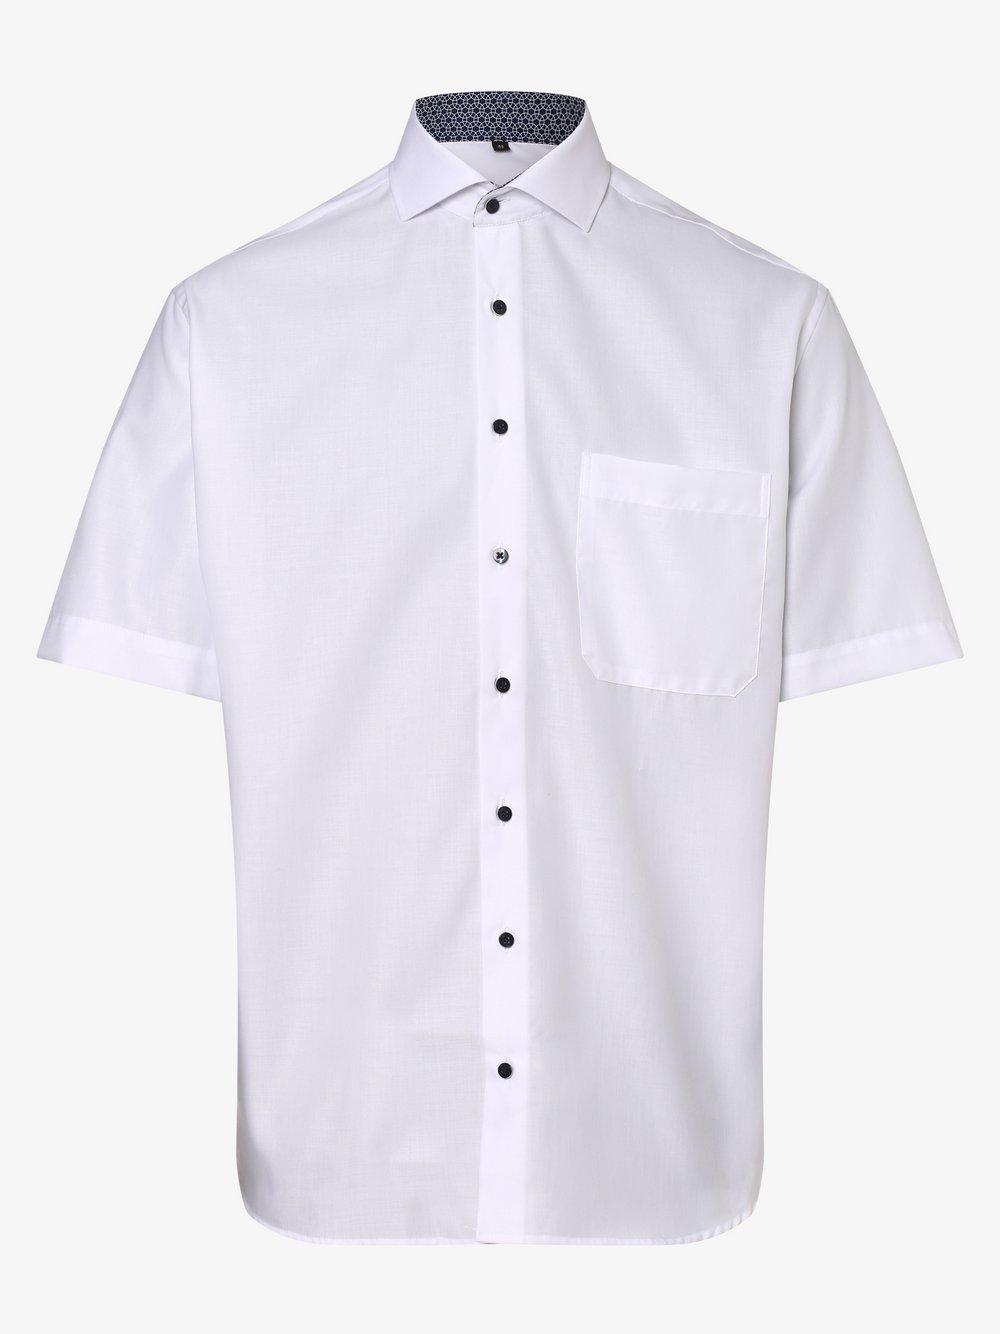 Eterna Comfort Fit - Koszula męska – niewymagająca prasowania, biały